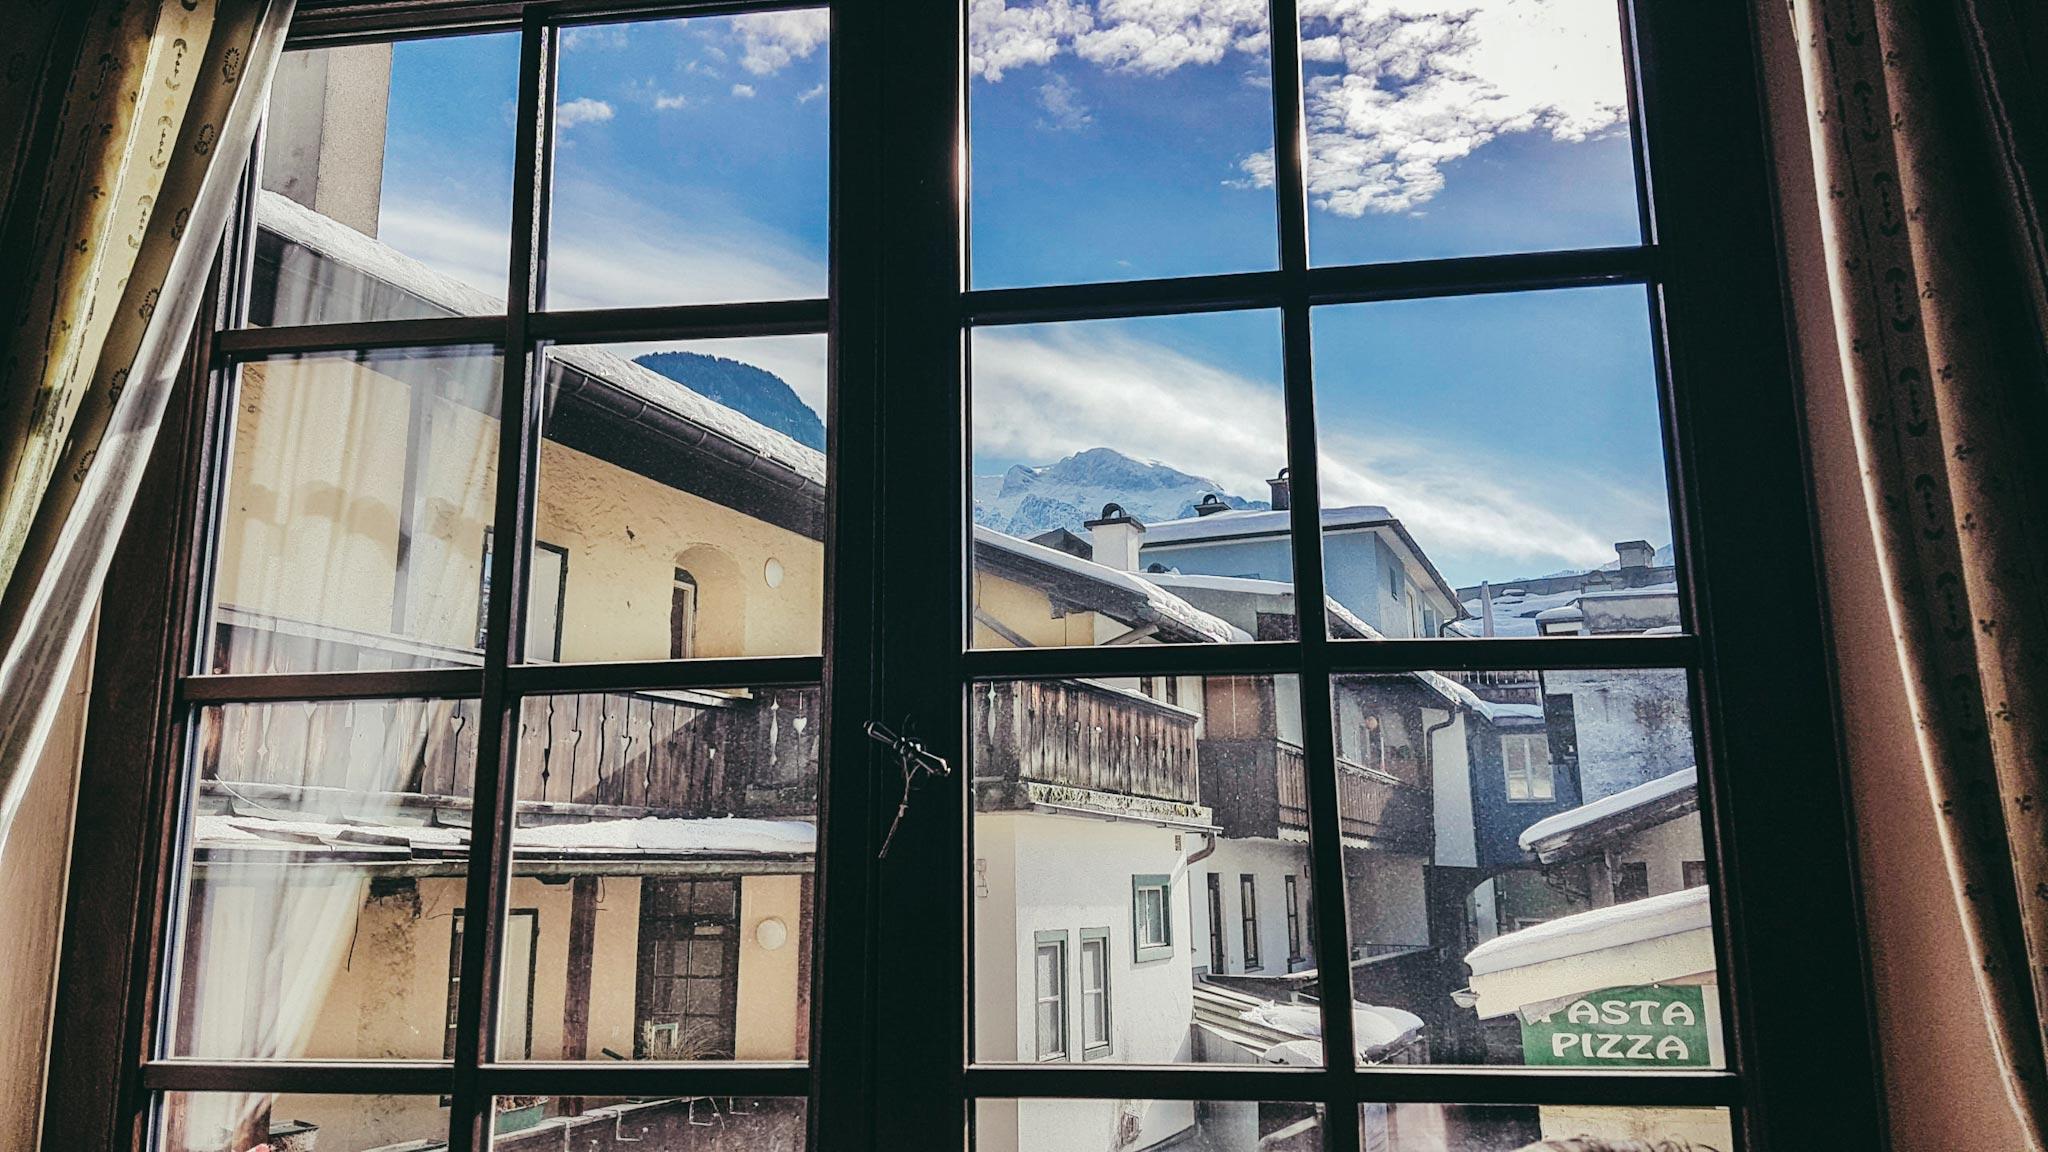 Blick aus dem fenster land  Pepis Baukantine im Wirtshaus Goldener Bär Berchtesgaden